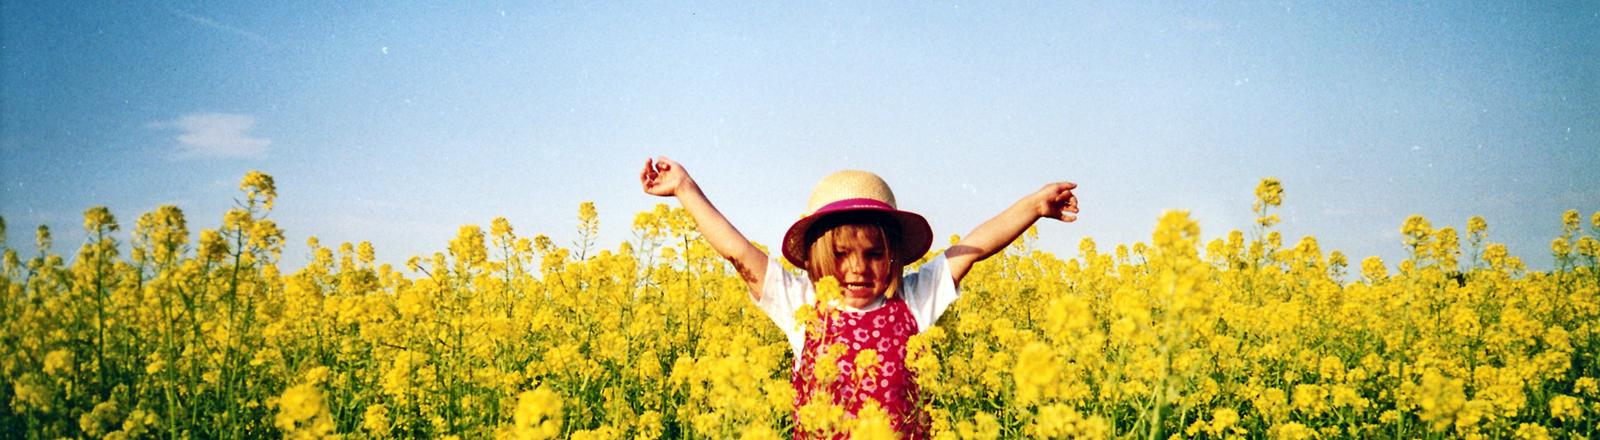 Ein Mädchen spielt in einem Rapsfeld.